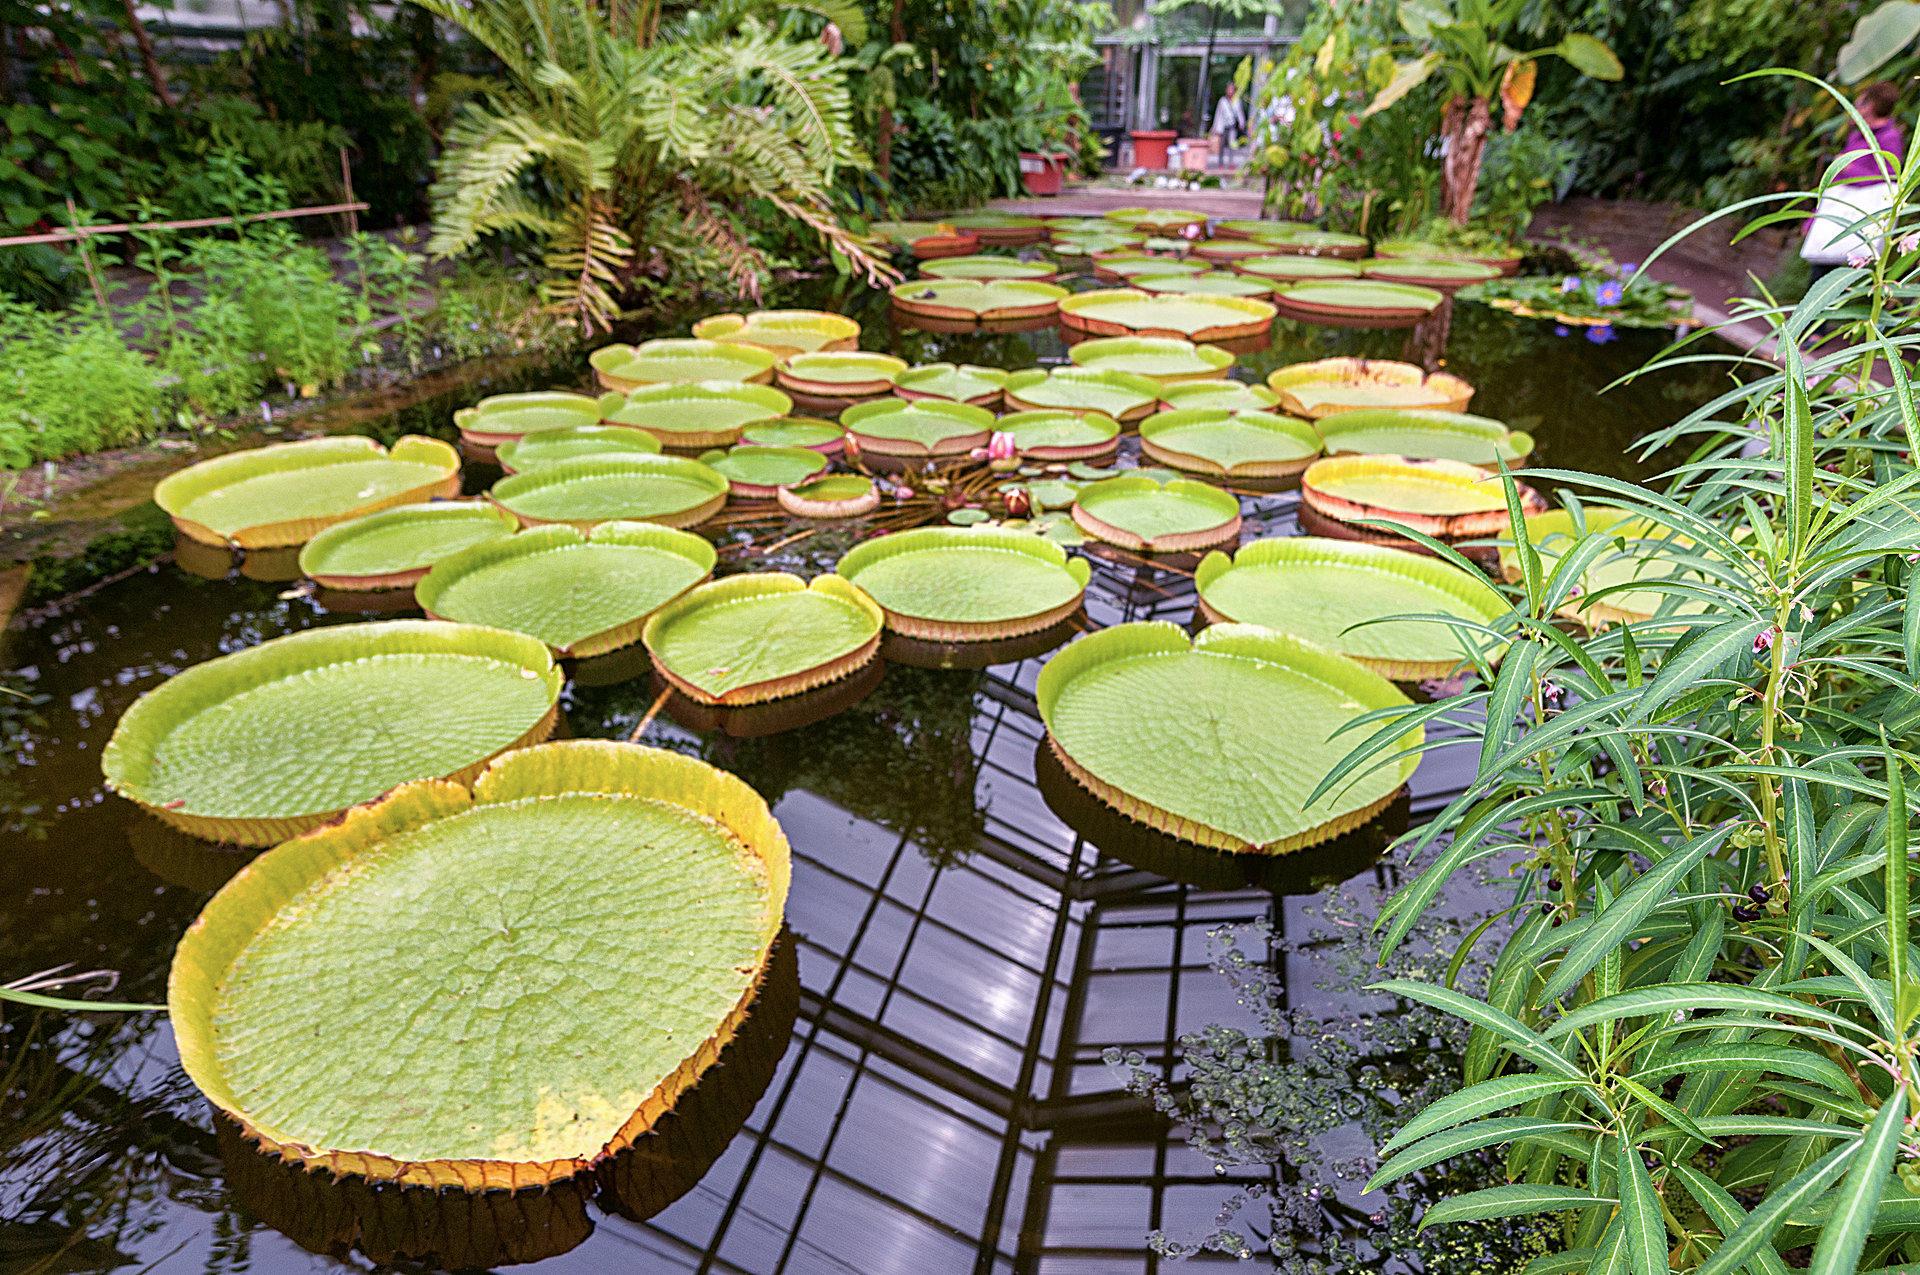 Botanischer Garten Bonn - Fotos - Botanischer Garten